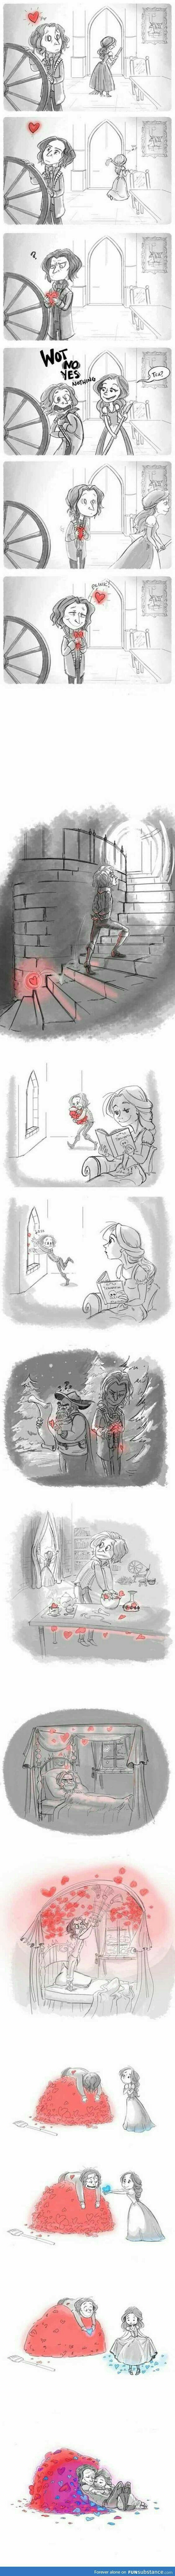 Traurig Niedlich Witzig Beste Zeichnung Beziehungen Kurzgeschichten Bildgeschichten Süße Zeichnungen Schöne Bilder